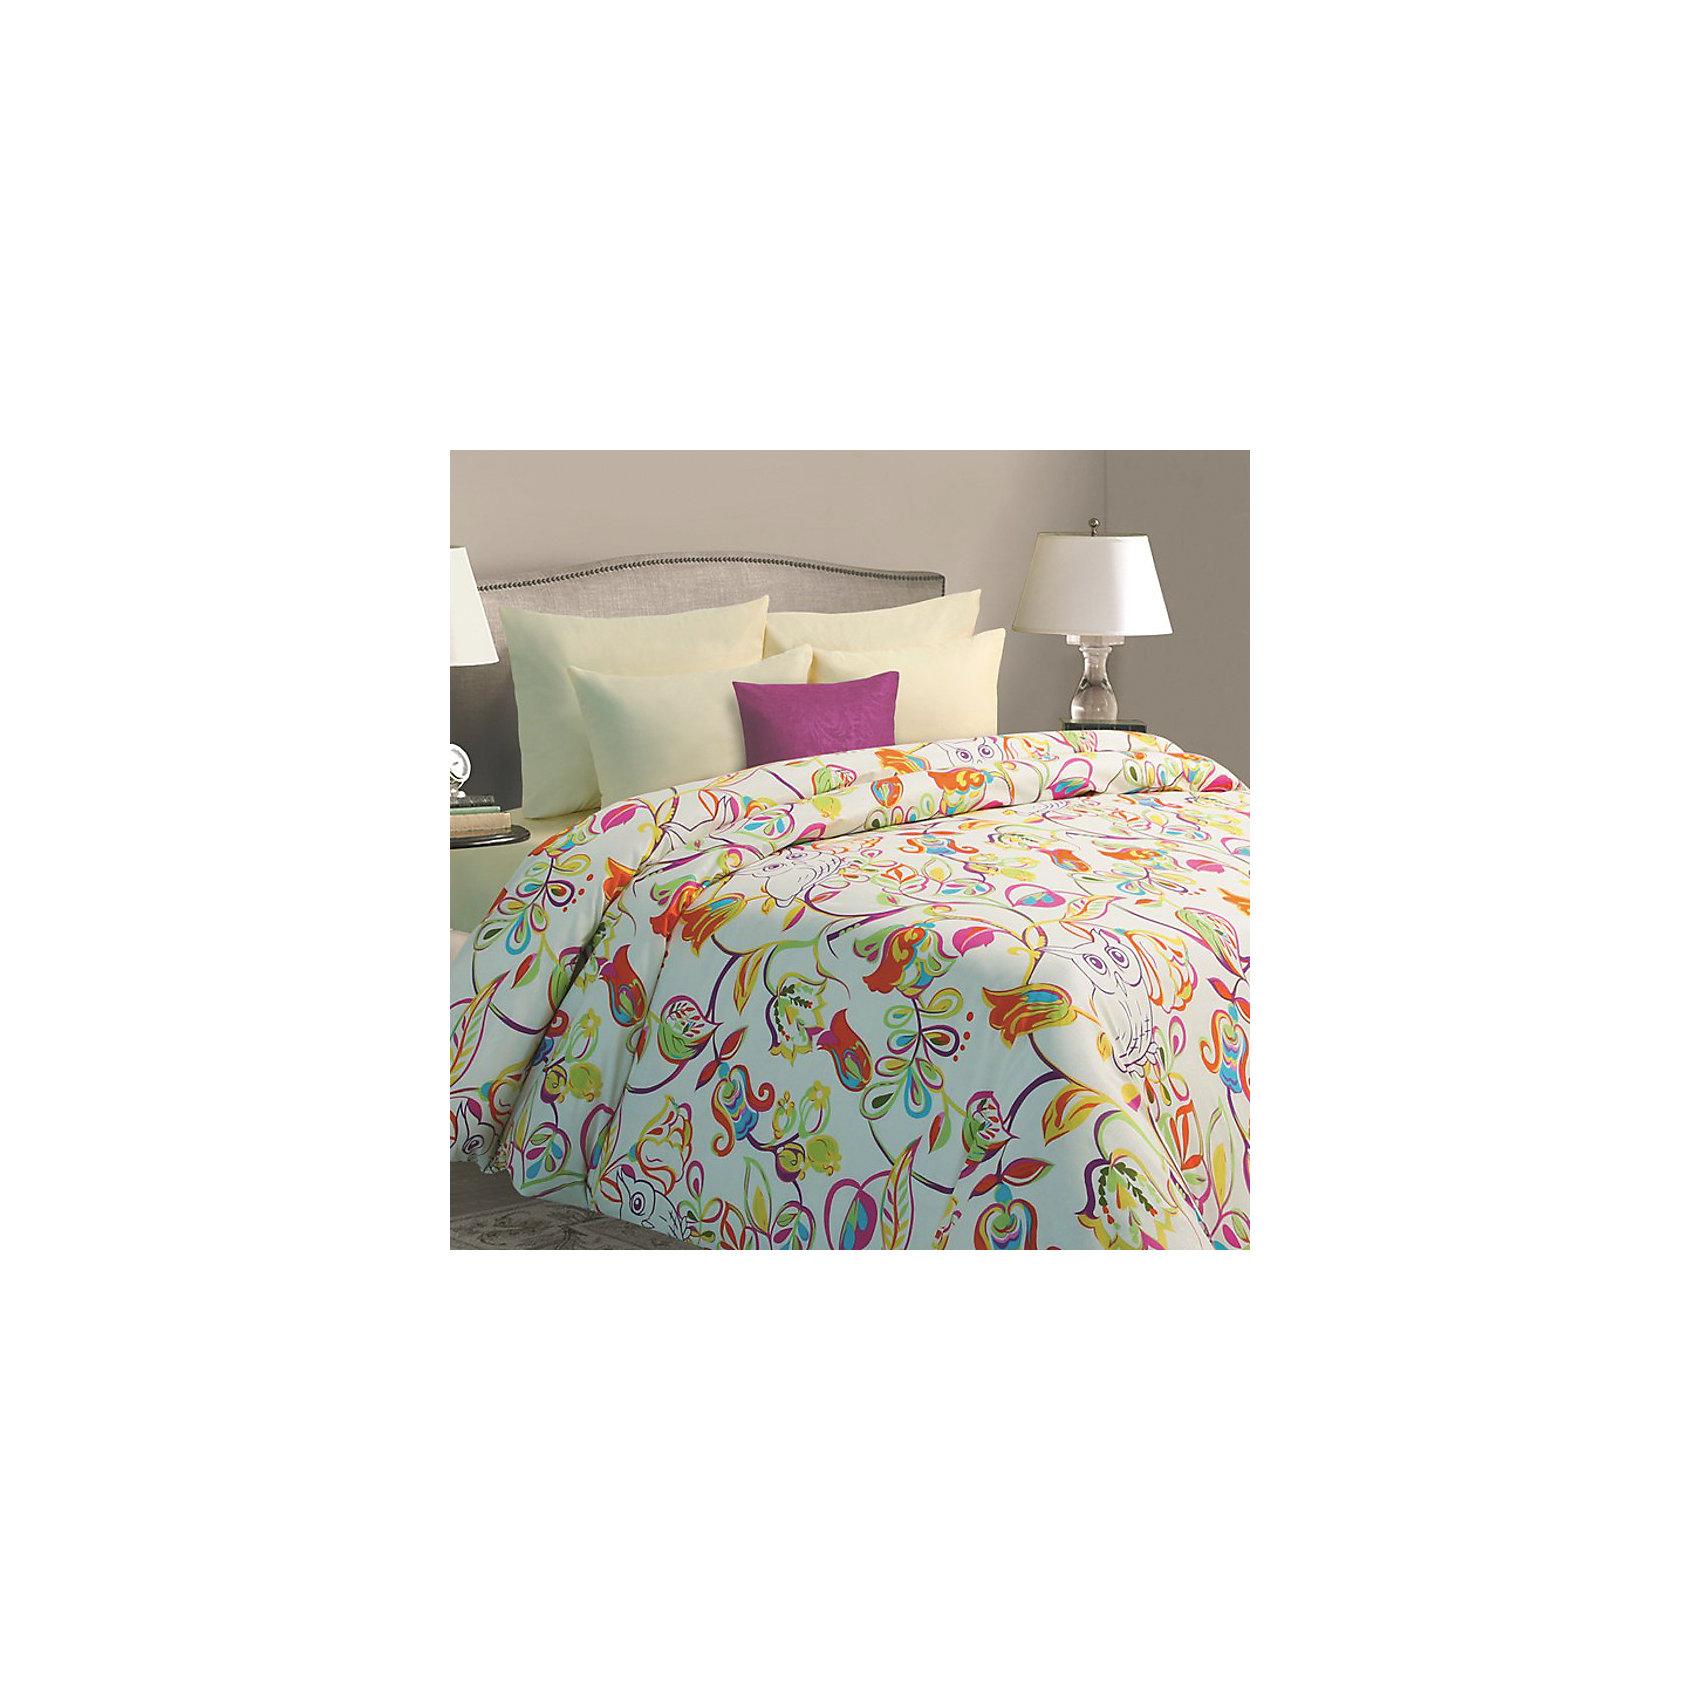 Постельное белье Sova, 1,5-спальный, 70*70, Батист, Mona LizaДомашний текстиль<br>Семейный комплект постельного белья  Sova  торговой марки Mona Liza подарит чудесное настроение перед сном. В яркий, прихотливый растительный узор вплетены изображения очаровательных совушек. Комплект постельного белья сшит из батиста. Это натуральная, полупрозрачная, легкая ткань полотняного плетения. Она отличается особой изысканностью и нежностью, и считается одним из самых совершенных материалов. Даже после стирки ткань сохраняет цвет, внешний вид, и лишь слегка сминается. Комплект состоит из пододеяльника, простыни и двух наволочек.<br><br>Дополнительная информация: <br><br>- производитель: Mona Liza<br>- материал: батист<br>- состав: 100% хлопок<br>- размер комплекта: полутораспальный<br>- размер пододеяльника: 145*210 см<br>- тип застежки: пуговицы<br>- размер простыни: 150*215 (обычная)<br>- размер наволочек: 70*70 (2 шт)<br>- упаковка комплекта: книжка пвх<br>- страна бренда: Россия<br>- страна производитель: Россия<br><br>Комплект постельного белья Sova торговой марки Мона Лиза  можно купить в нашем интернет-магазине.<br><br>Ширина мм: 240<br>Глубина мм: 60<br>Высота мм: 350<br>Вес г: 1465<br>Возраст от месяцев: 84<br>Возраст до месяцев: 1188<br>Пол: Унисекс<br>Возраст: Детский<br>SKU: 4902111